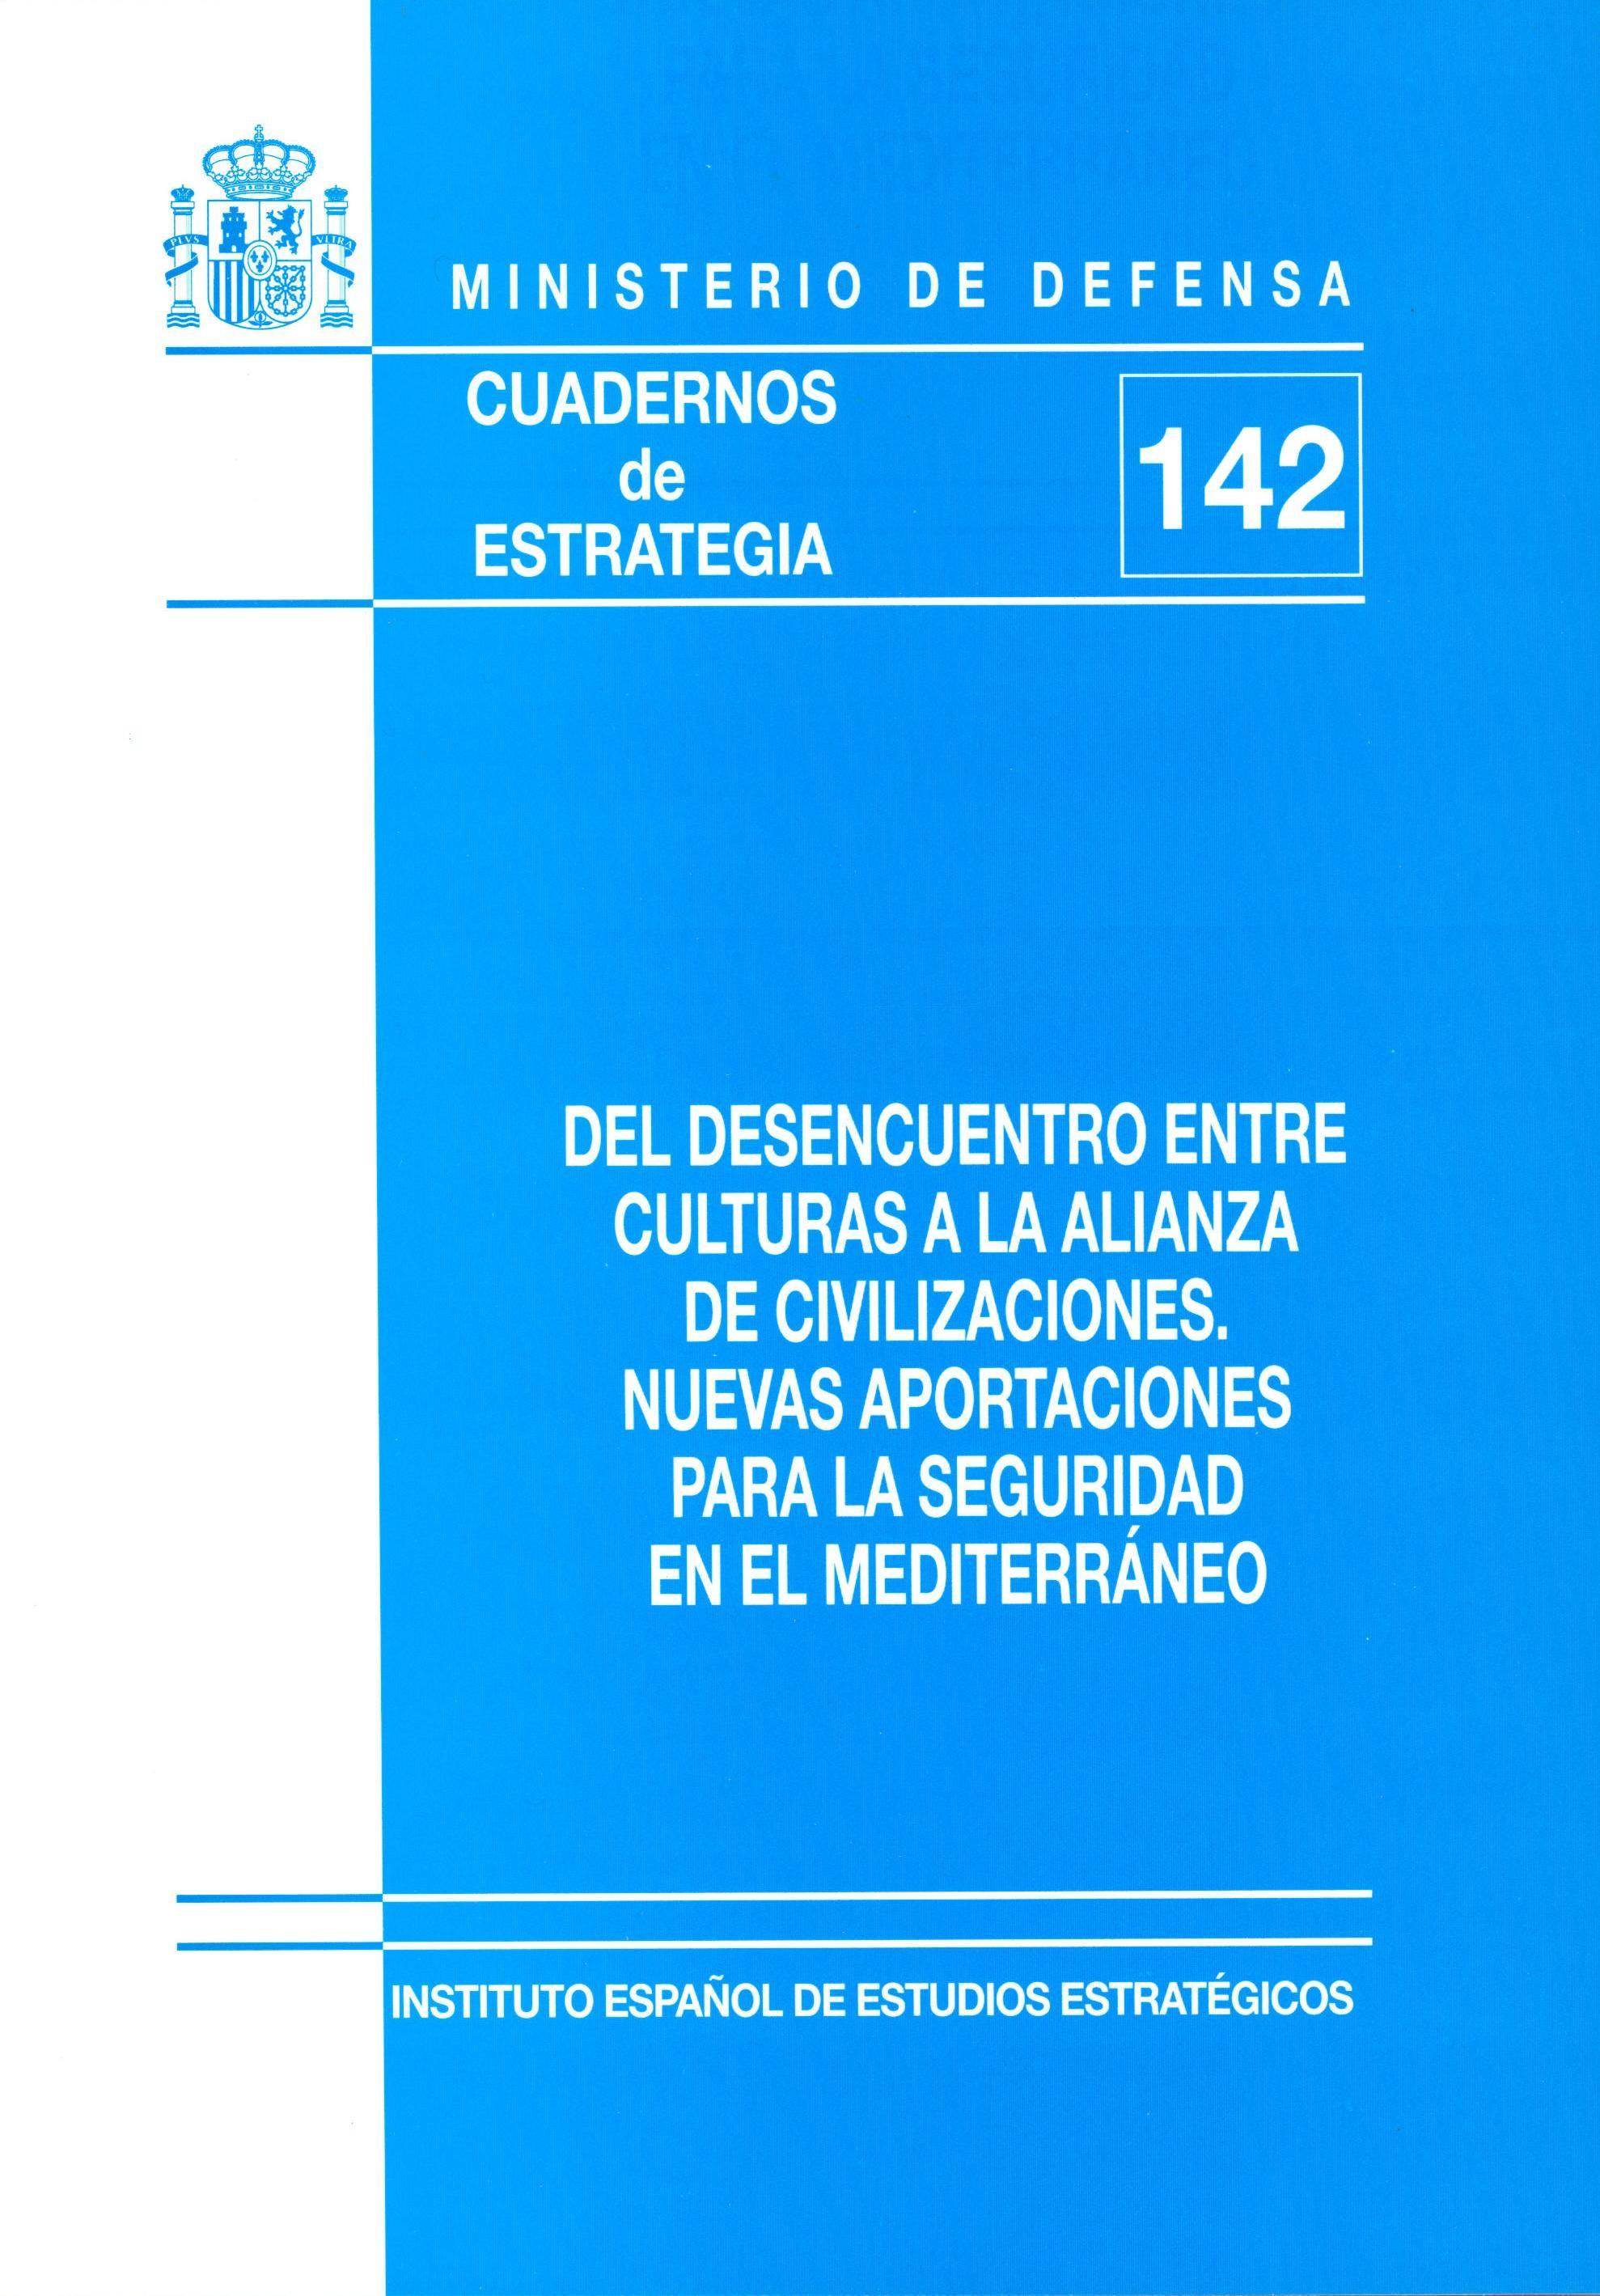 DEL DESENCUENTRO ENTRE CULTURAS A LA ALIANZA DE CIVILIZACIONES. NUEVAS APORTACIONES PARA LA SEGURIDAD EN EL MEDITERRÁNEO